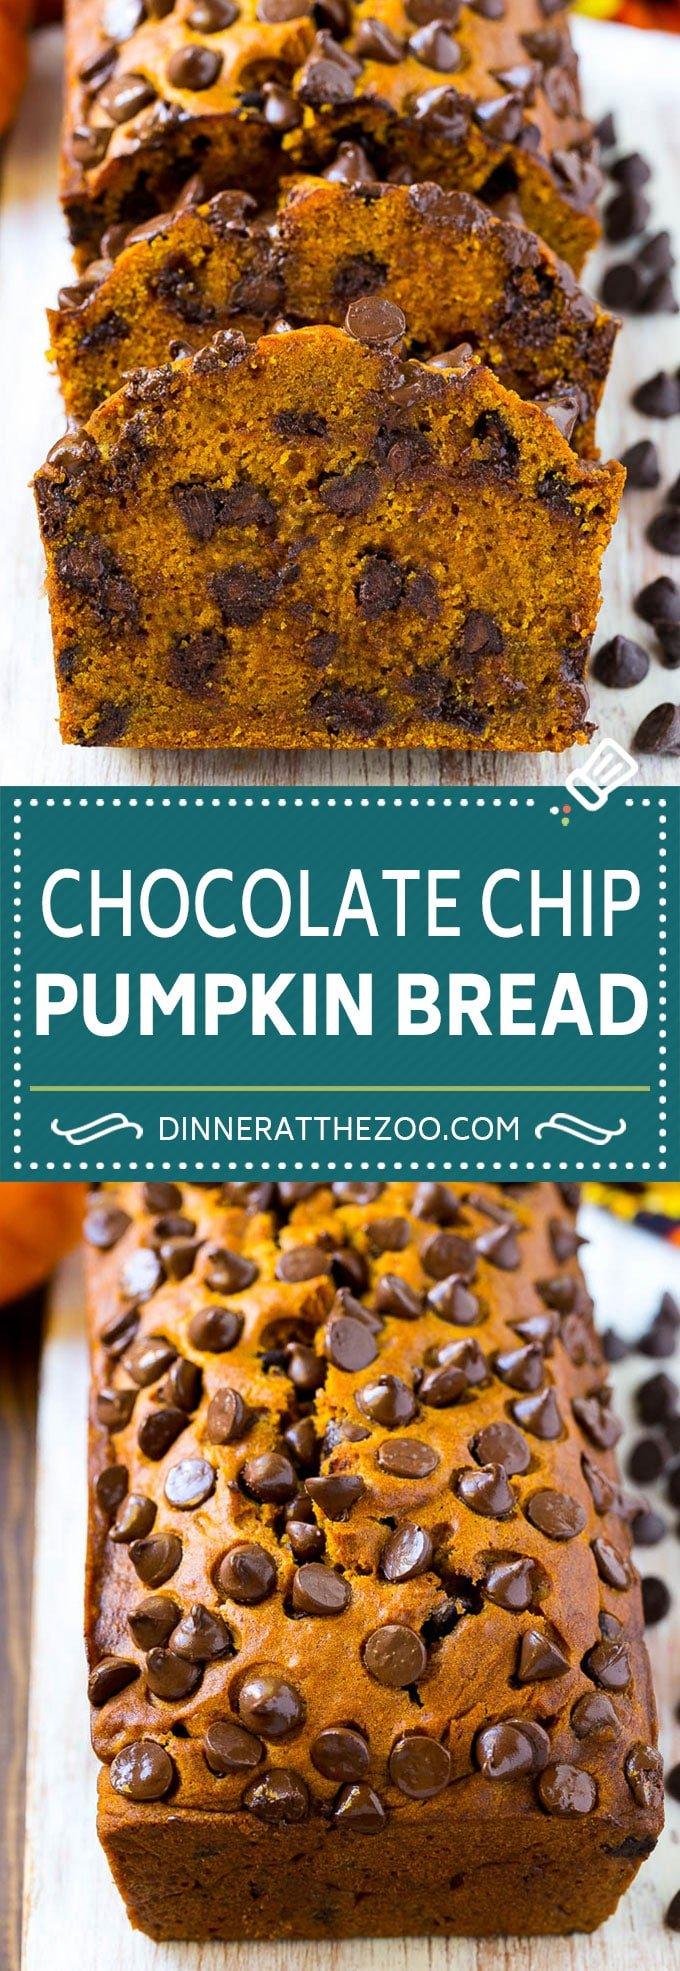 Pumpkin Chocolate Chip Bread Recipe | Pumpkin Bread | Chocolate Pumpkin Bread #pumpkin #bread #fall #chocolate #baking #dessert #dinneratthezoo